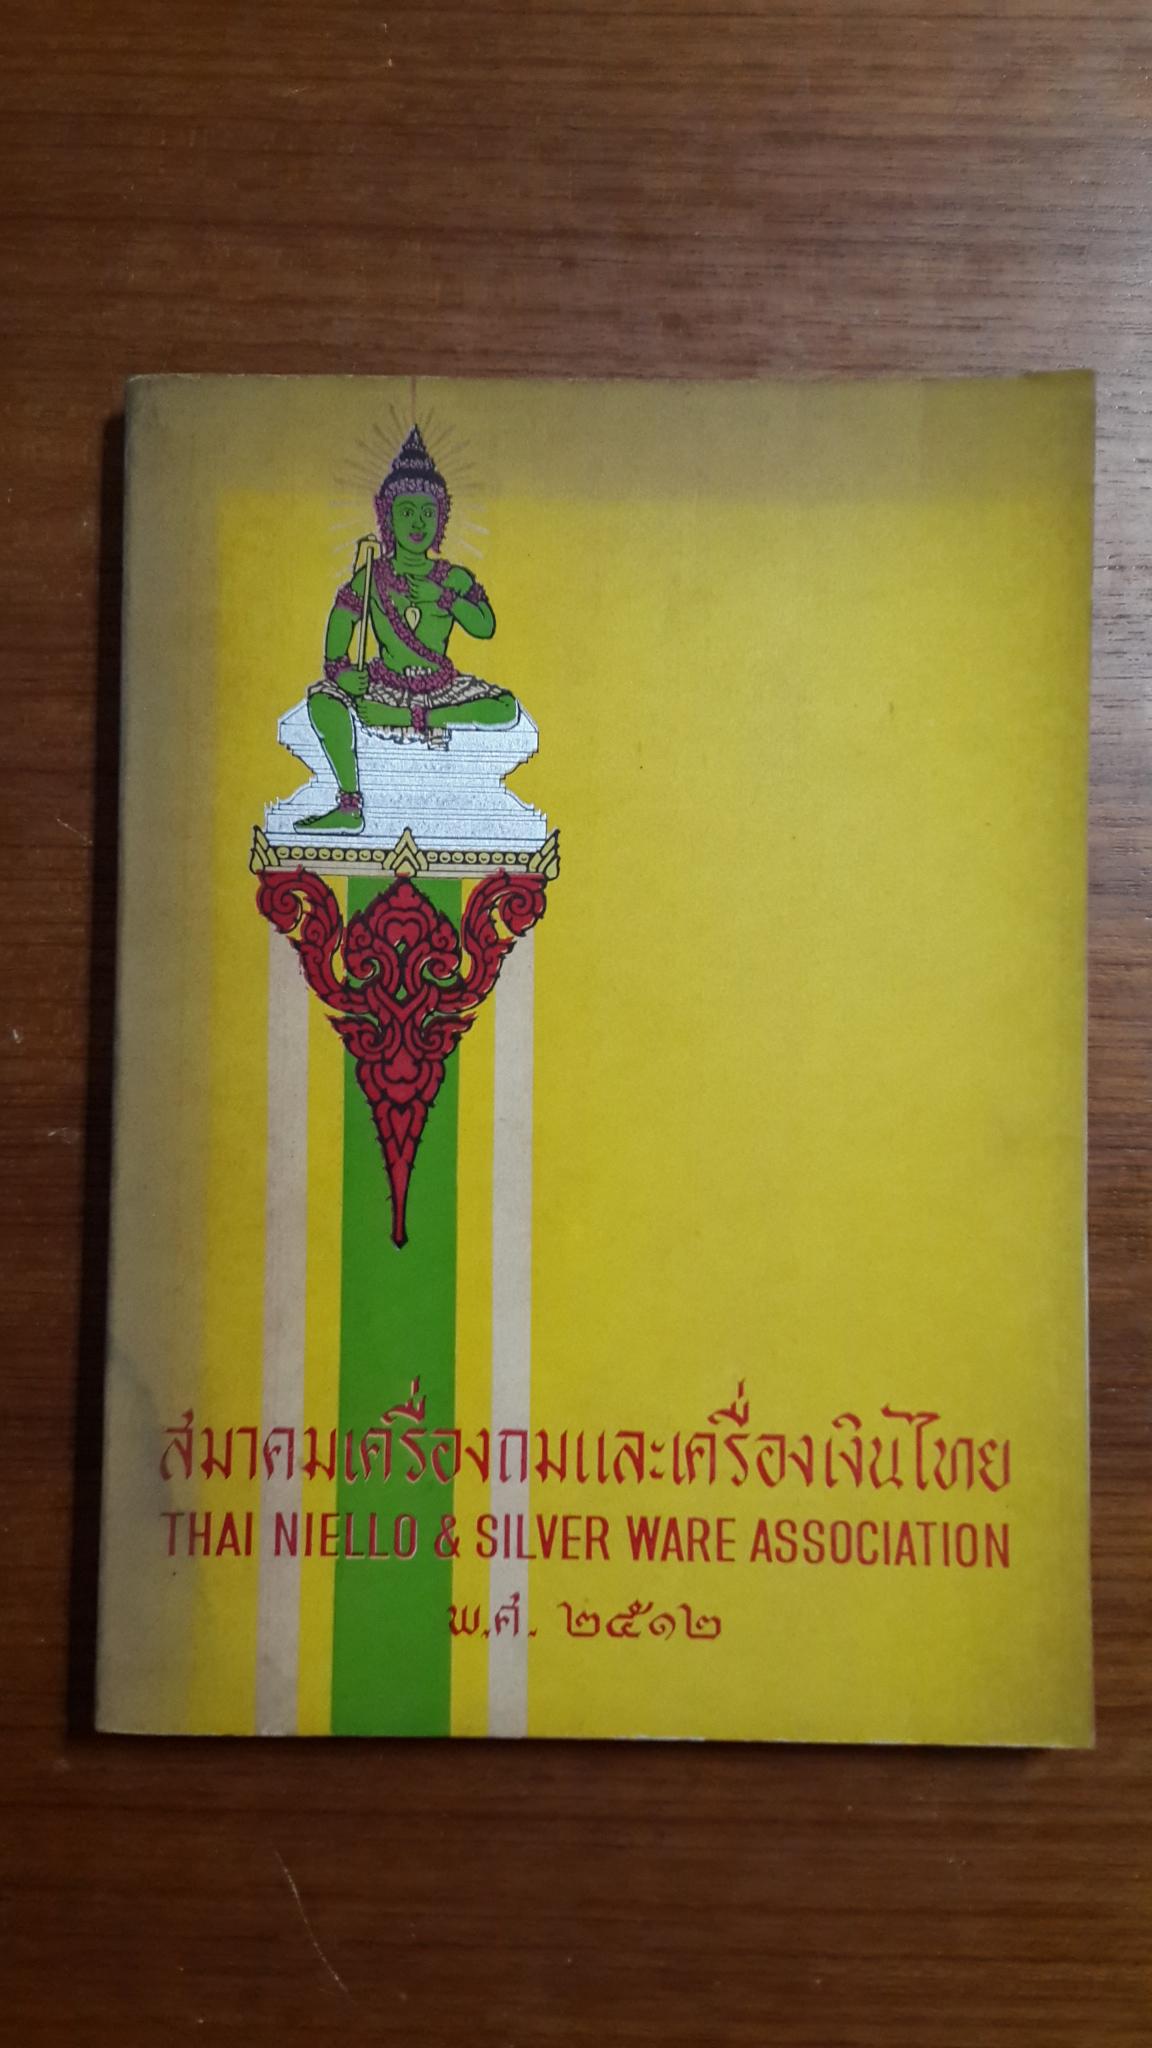 หนังสือ สมาคมเครื่องถมและเครื่องเงินไทย(Thai Niello Works Association) พ.ศ.๒๕๑๒